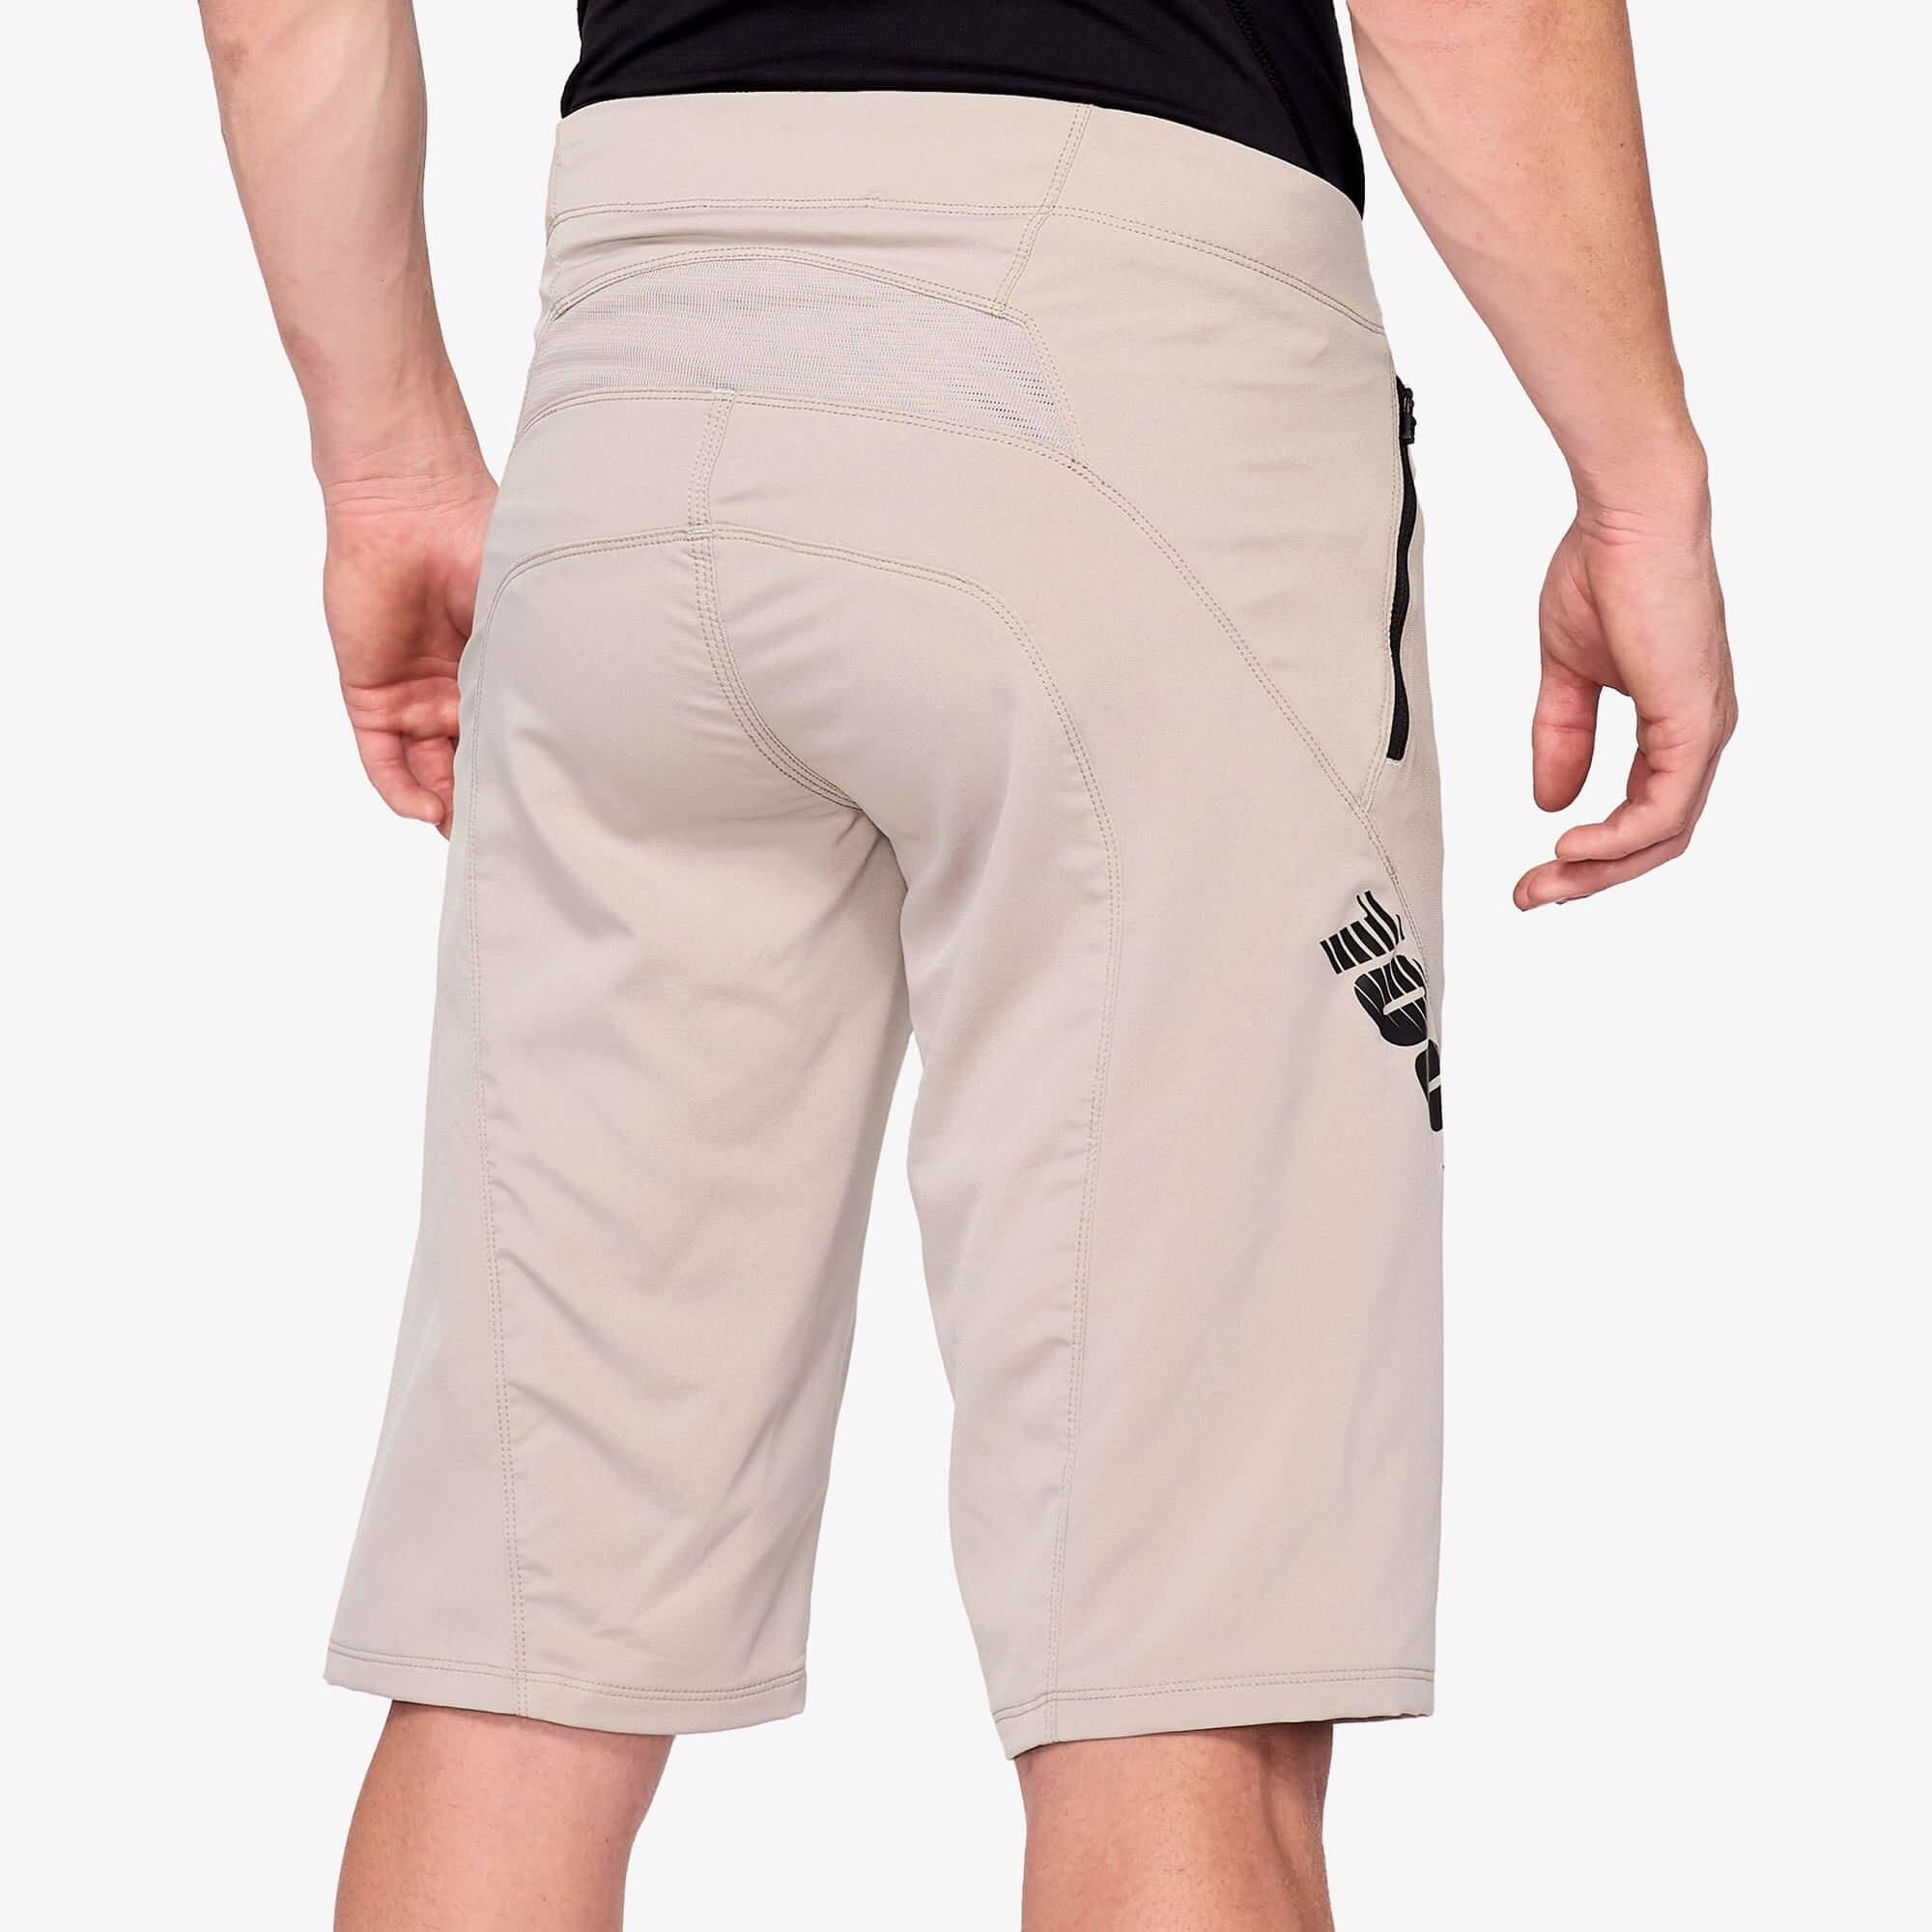 Airmatic Shorts-2